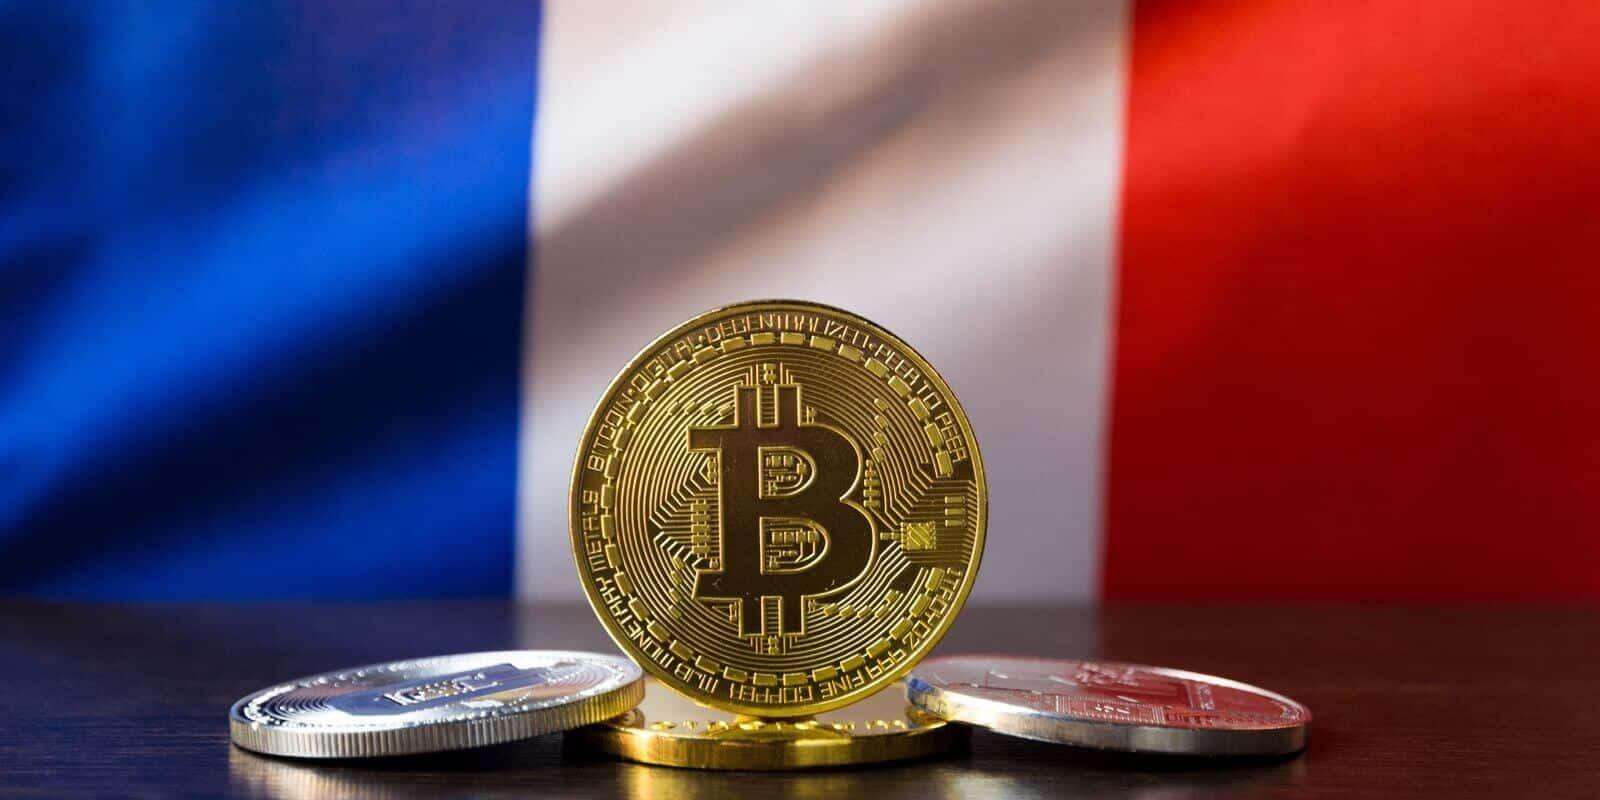 france 25 000 points de vente accepteront bitcoin 2020